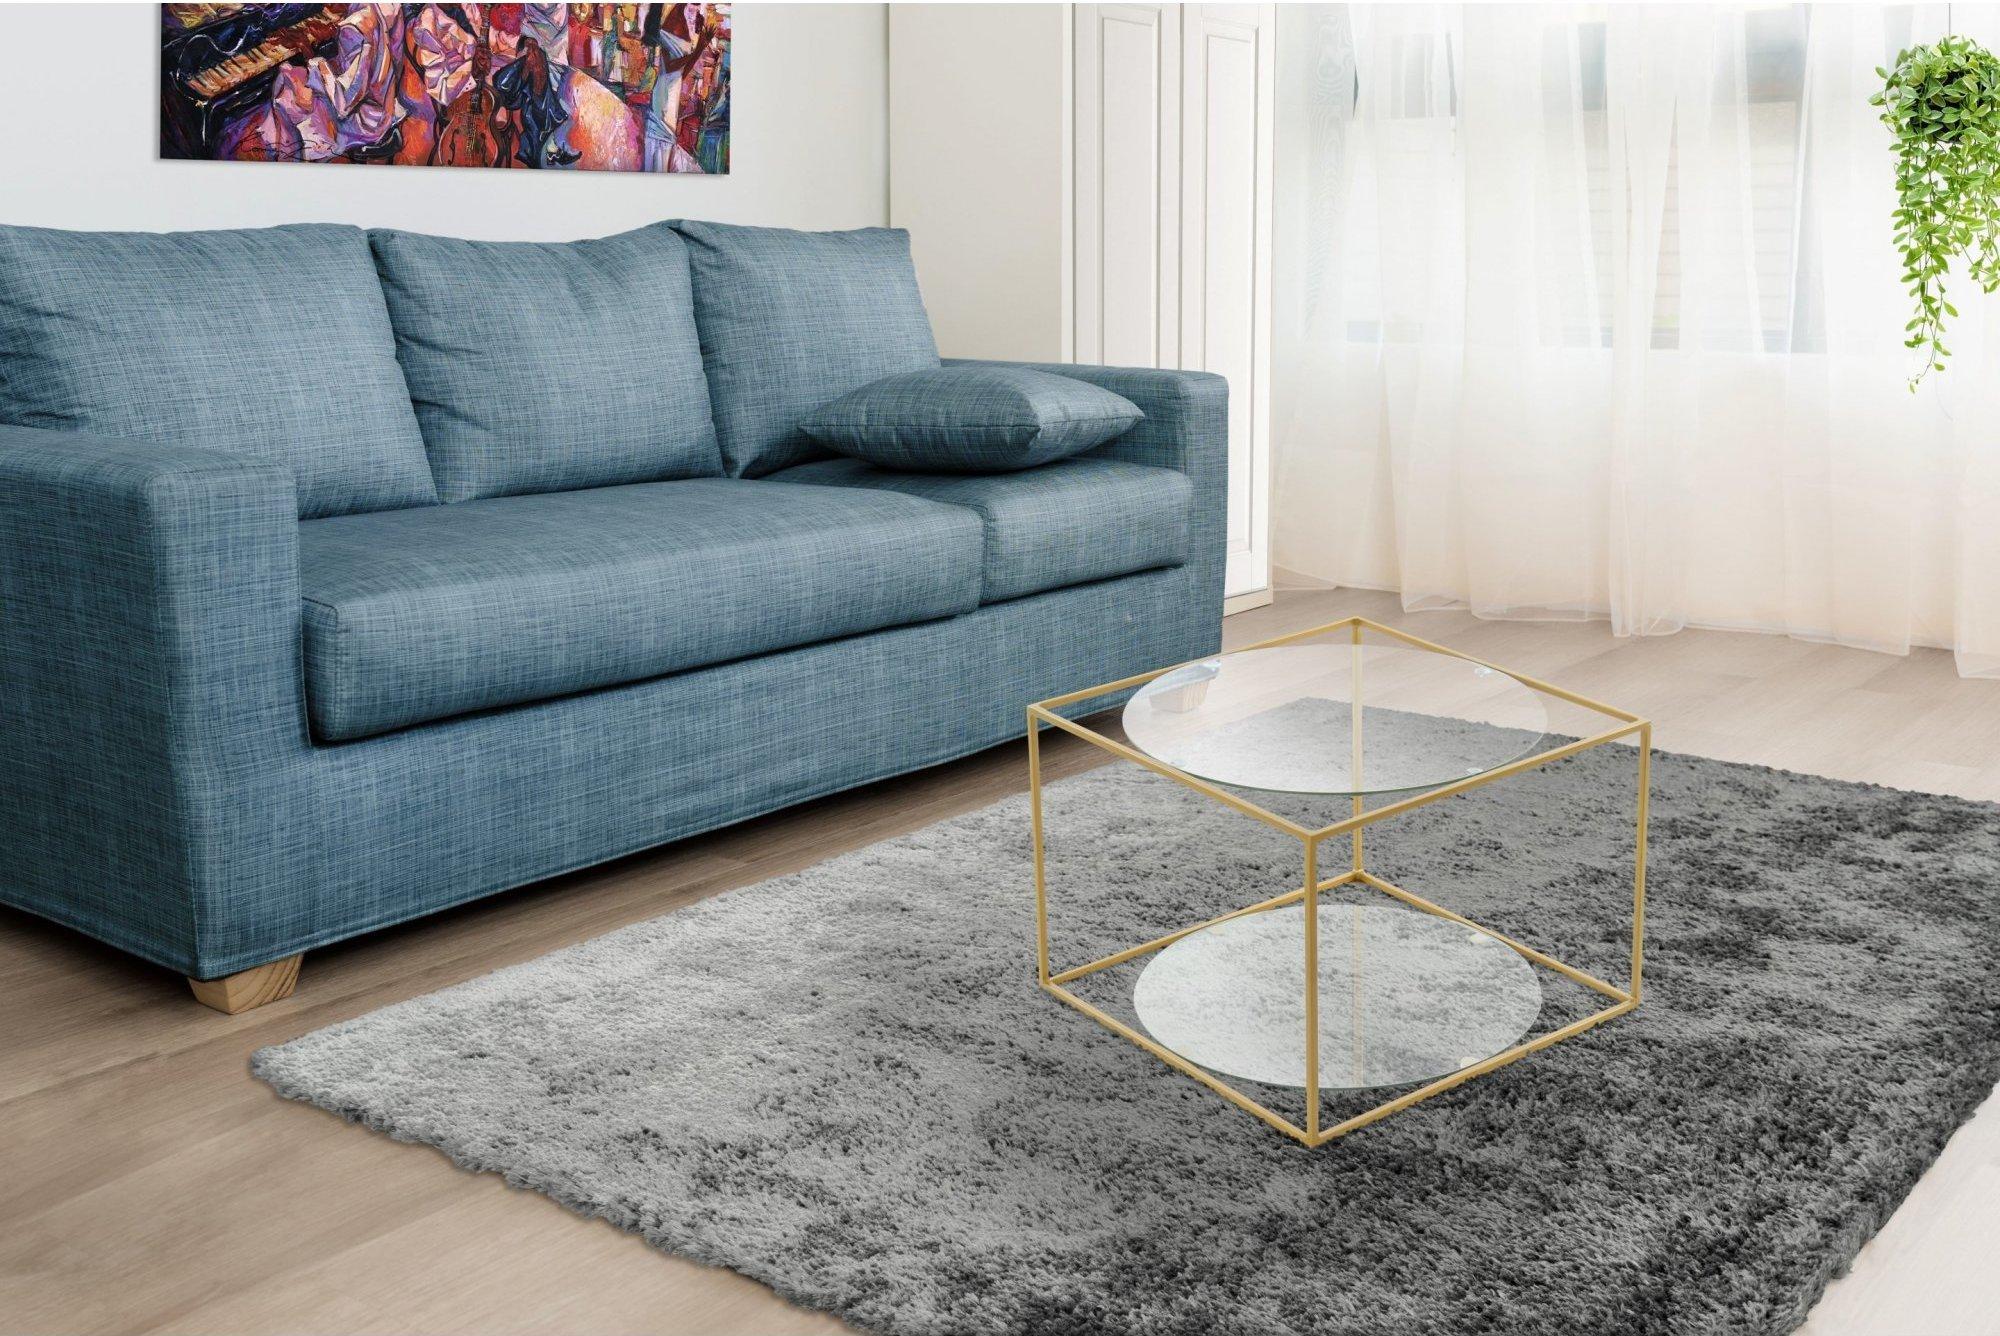 Table basse rectangulaire plateau verre l50cm